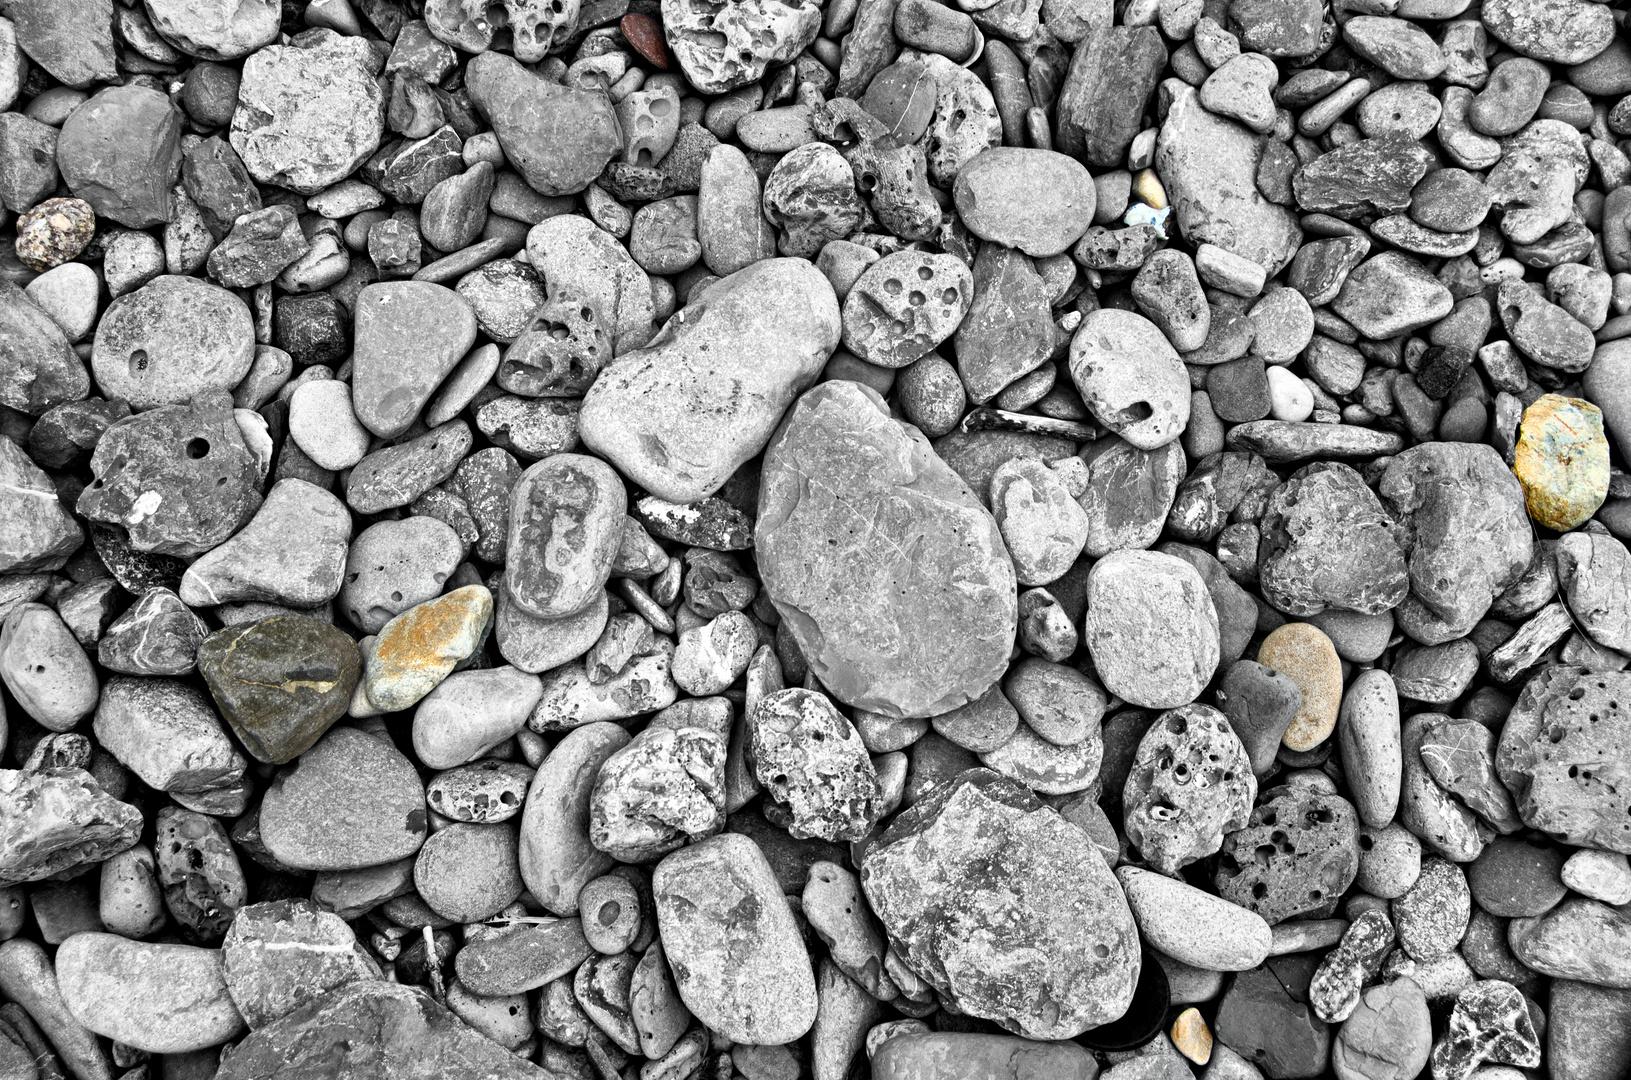 ... irish stones at the beach ...